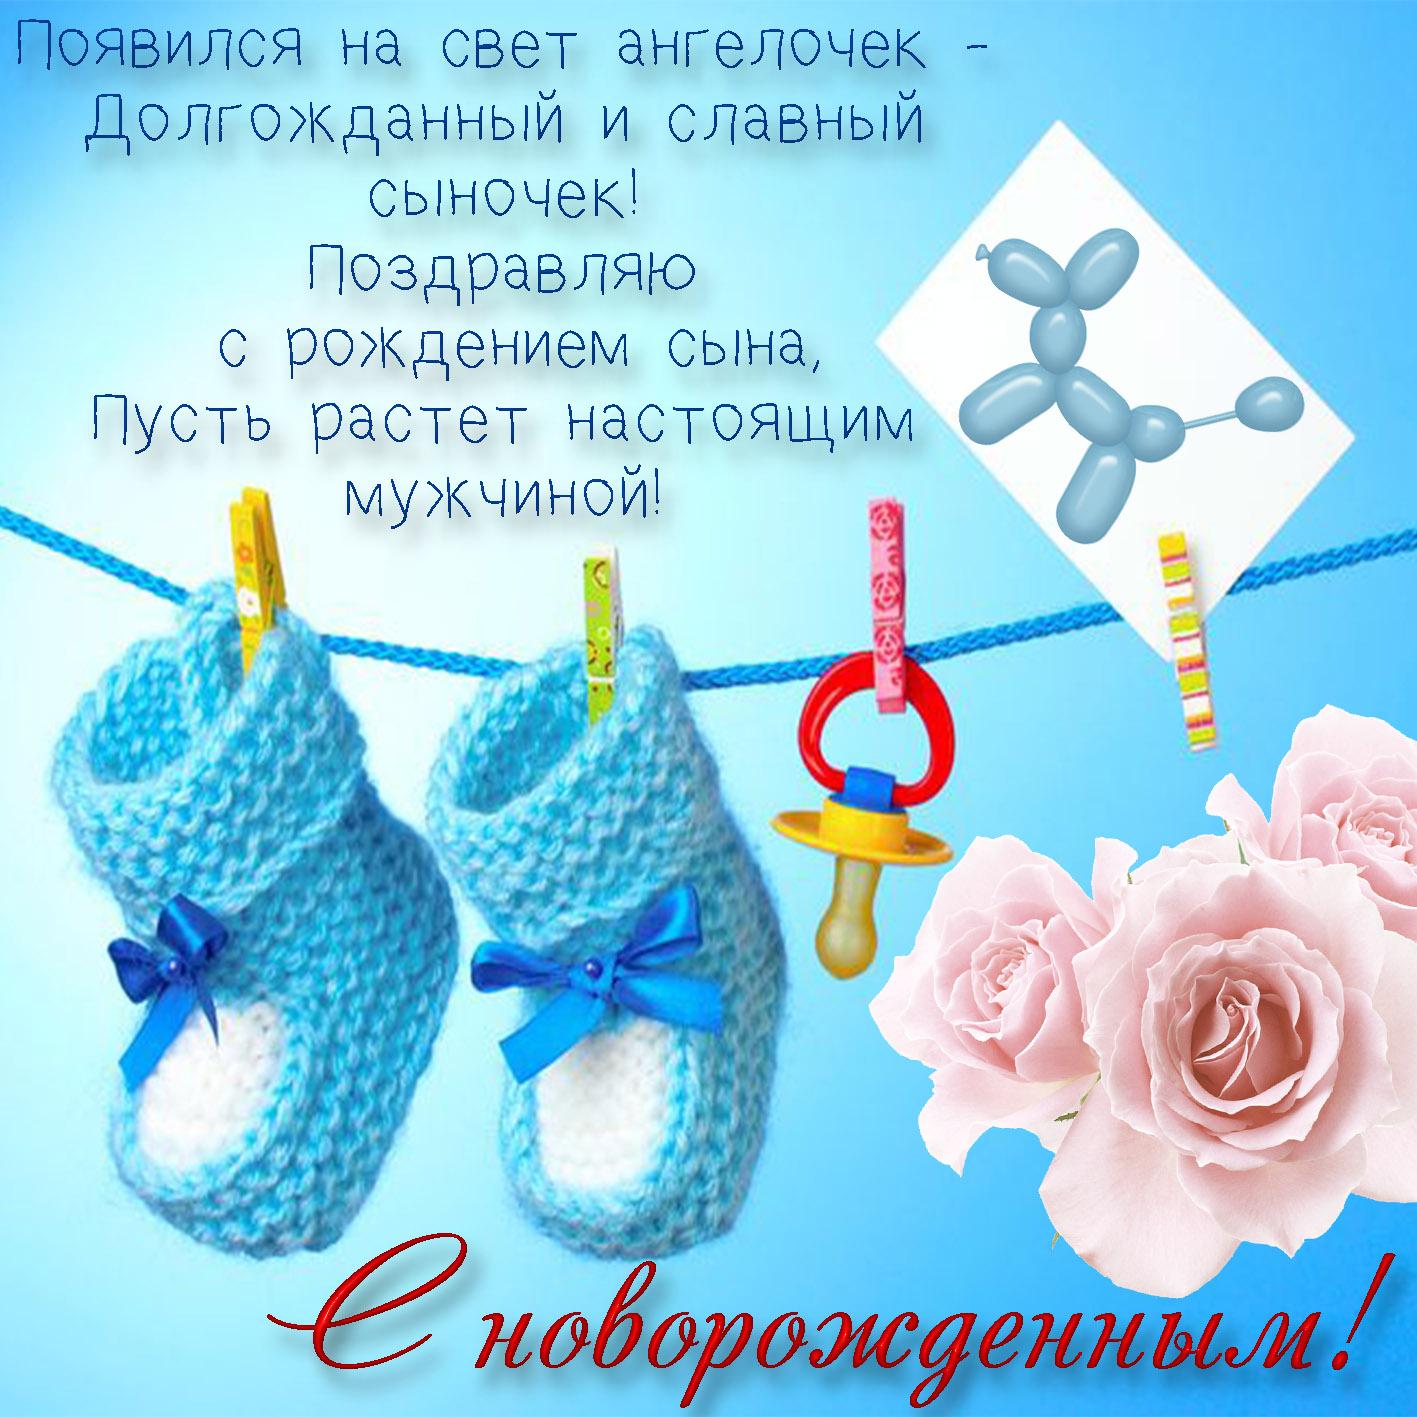 Открытки Открытки с рождением сына на казахском. Открытки с рождением сына подруге. Открытки с рождением сына 2 года. Открытки с рождением сына анимационные. Открытка поздравление с рождением сына. Открытка с рождением сына. Открытка Поздравляю с рождением сына.